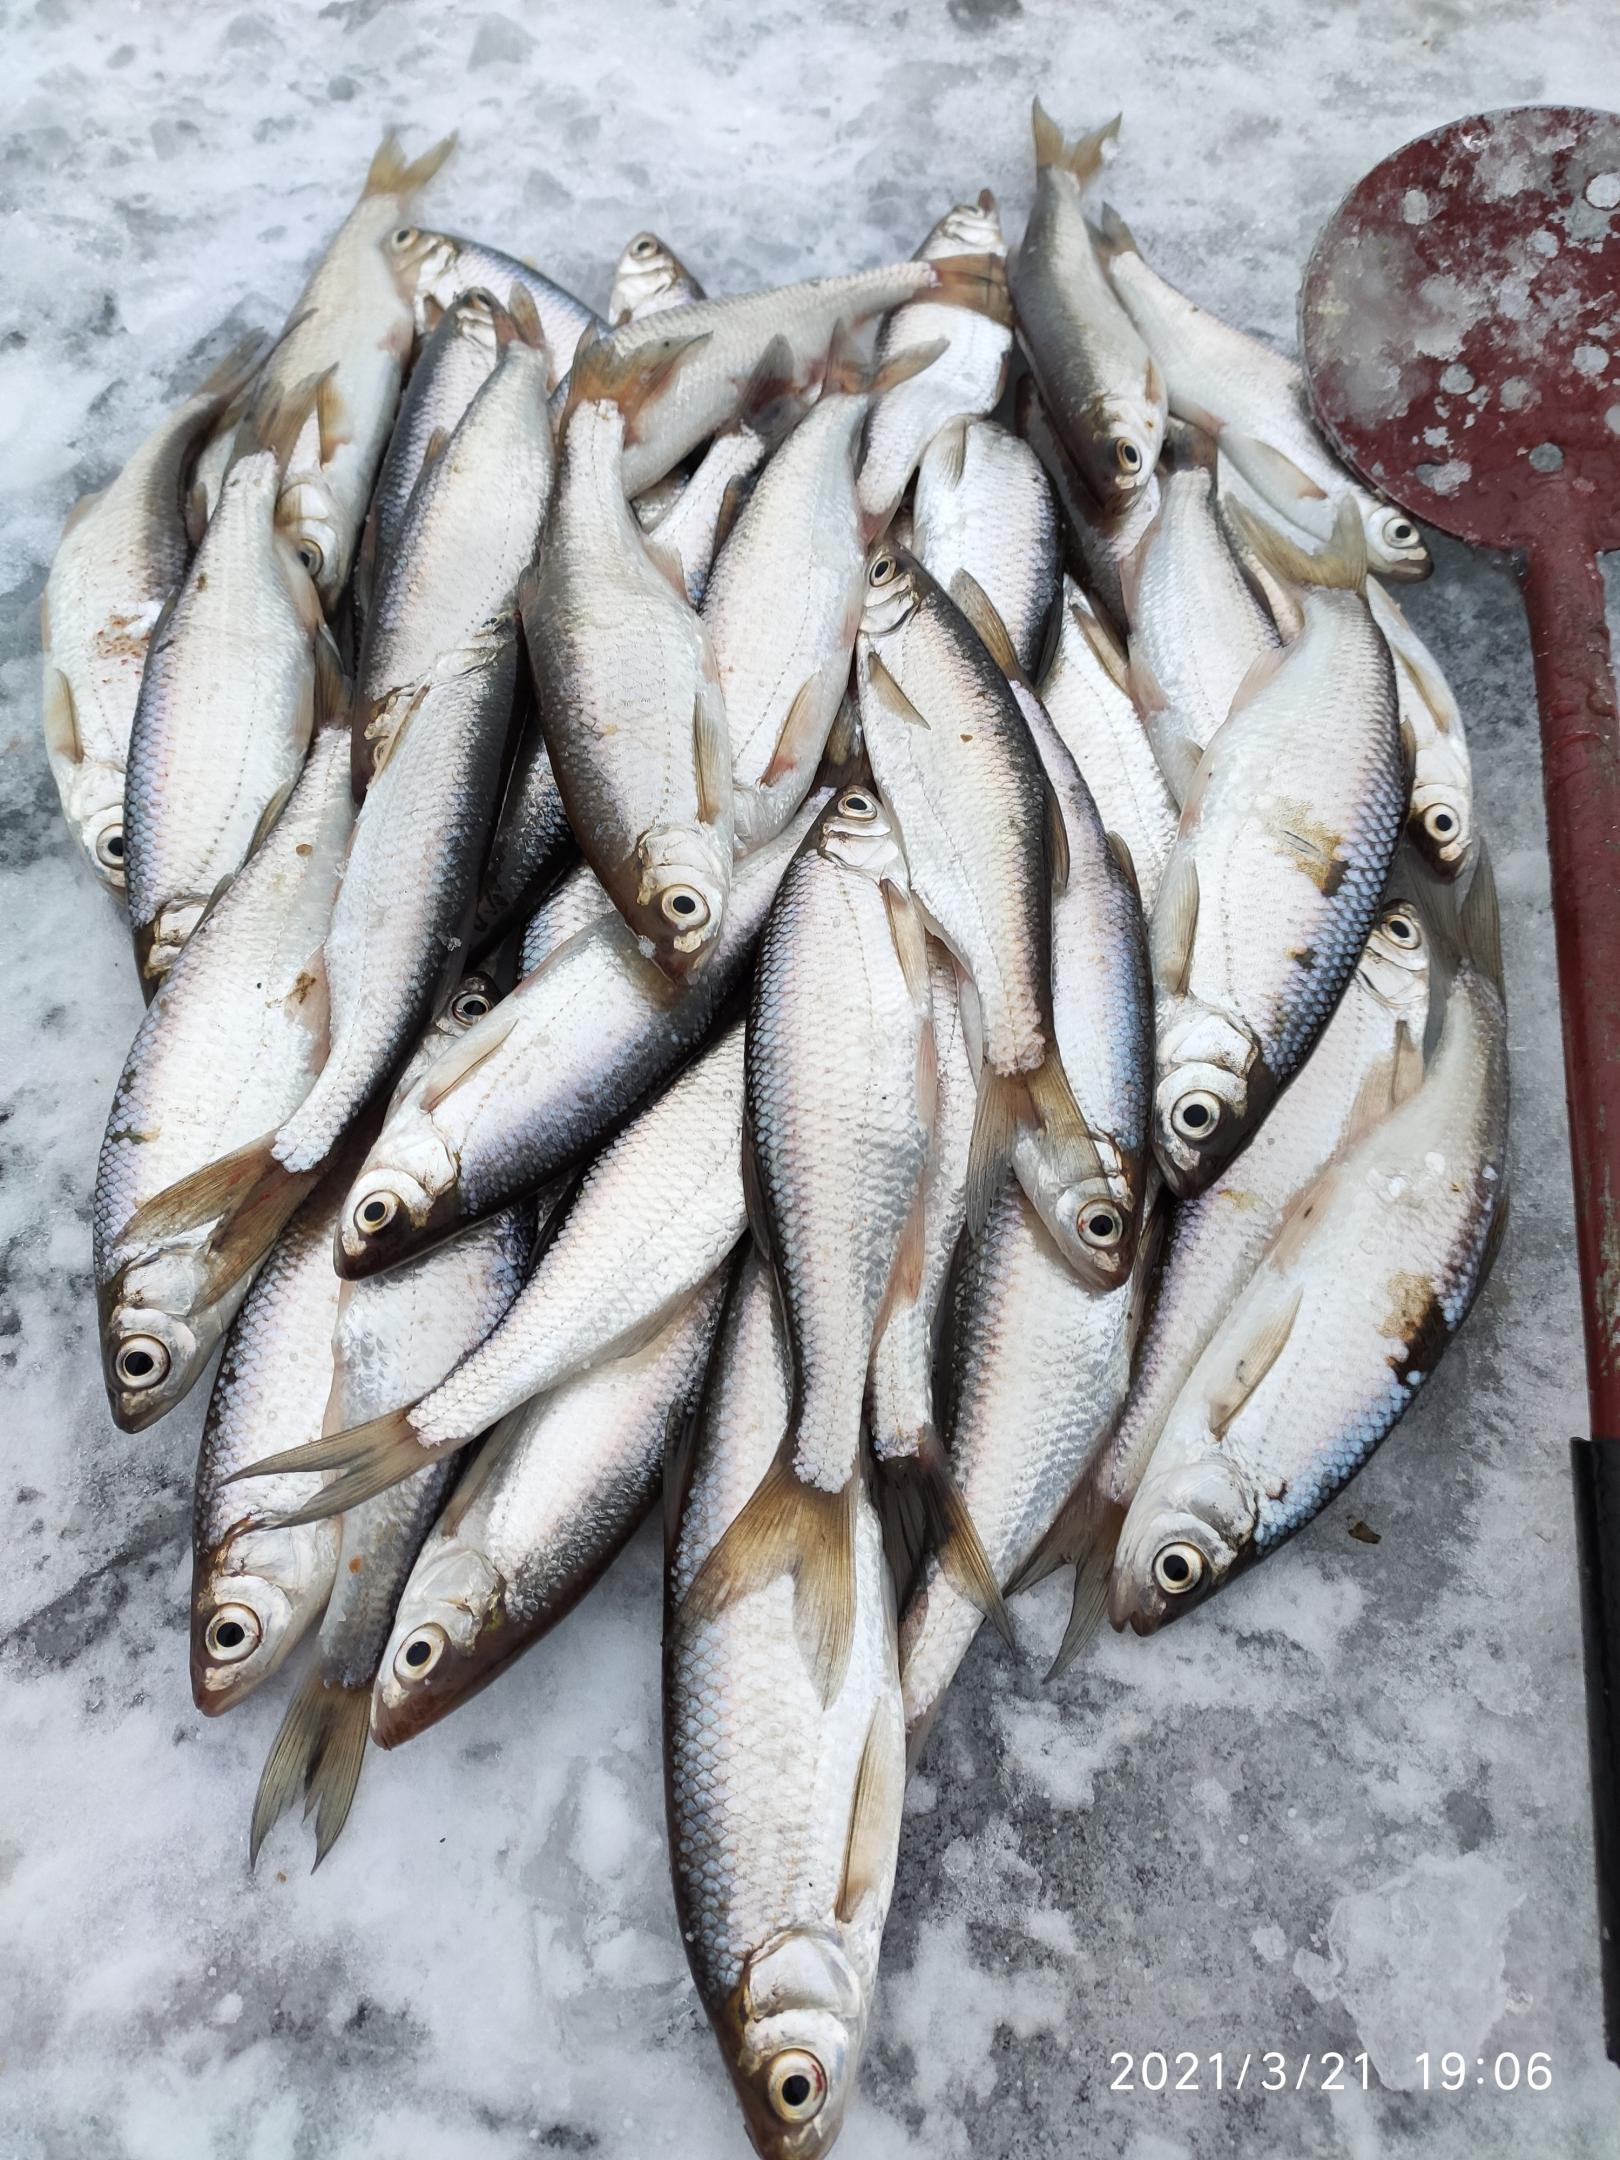 Таки не утерпел, поперся за уклейкой) Не торопился ... | Отчеты о рыбалке в Беларуси